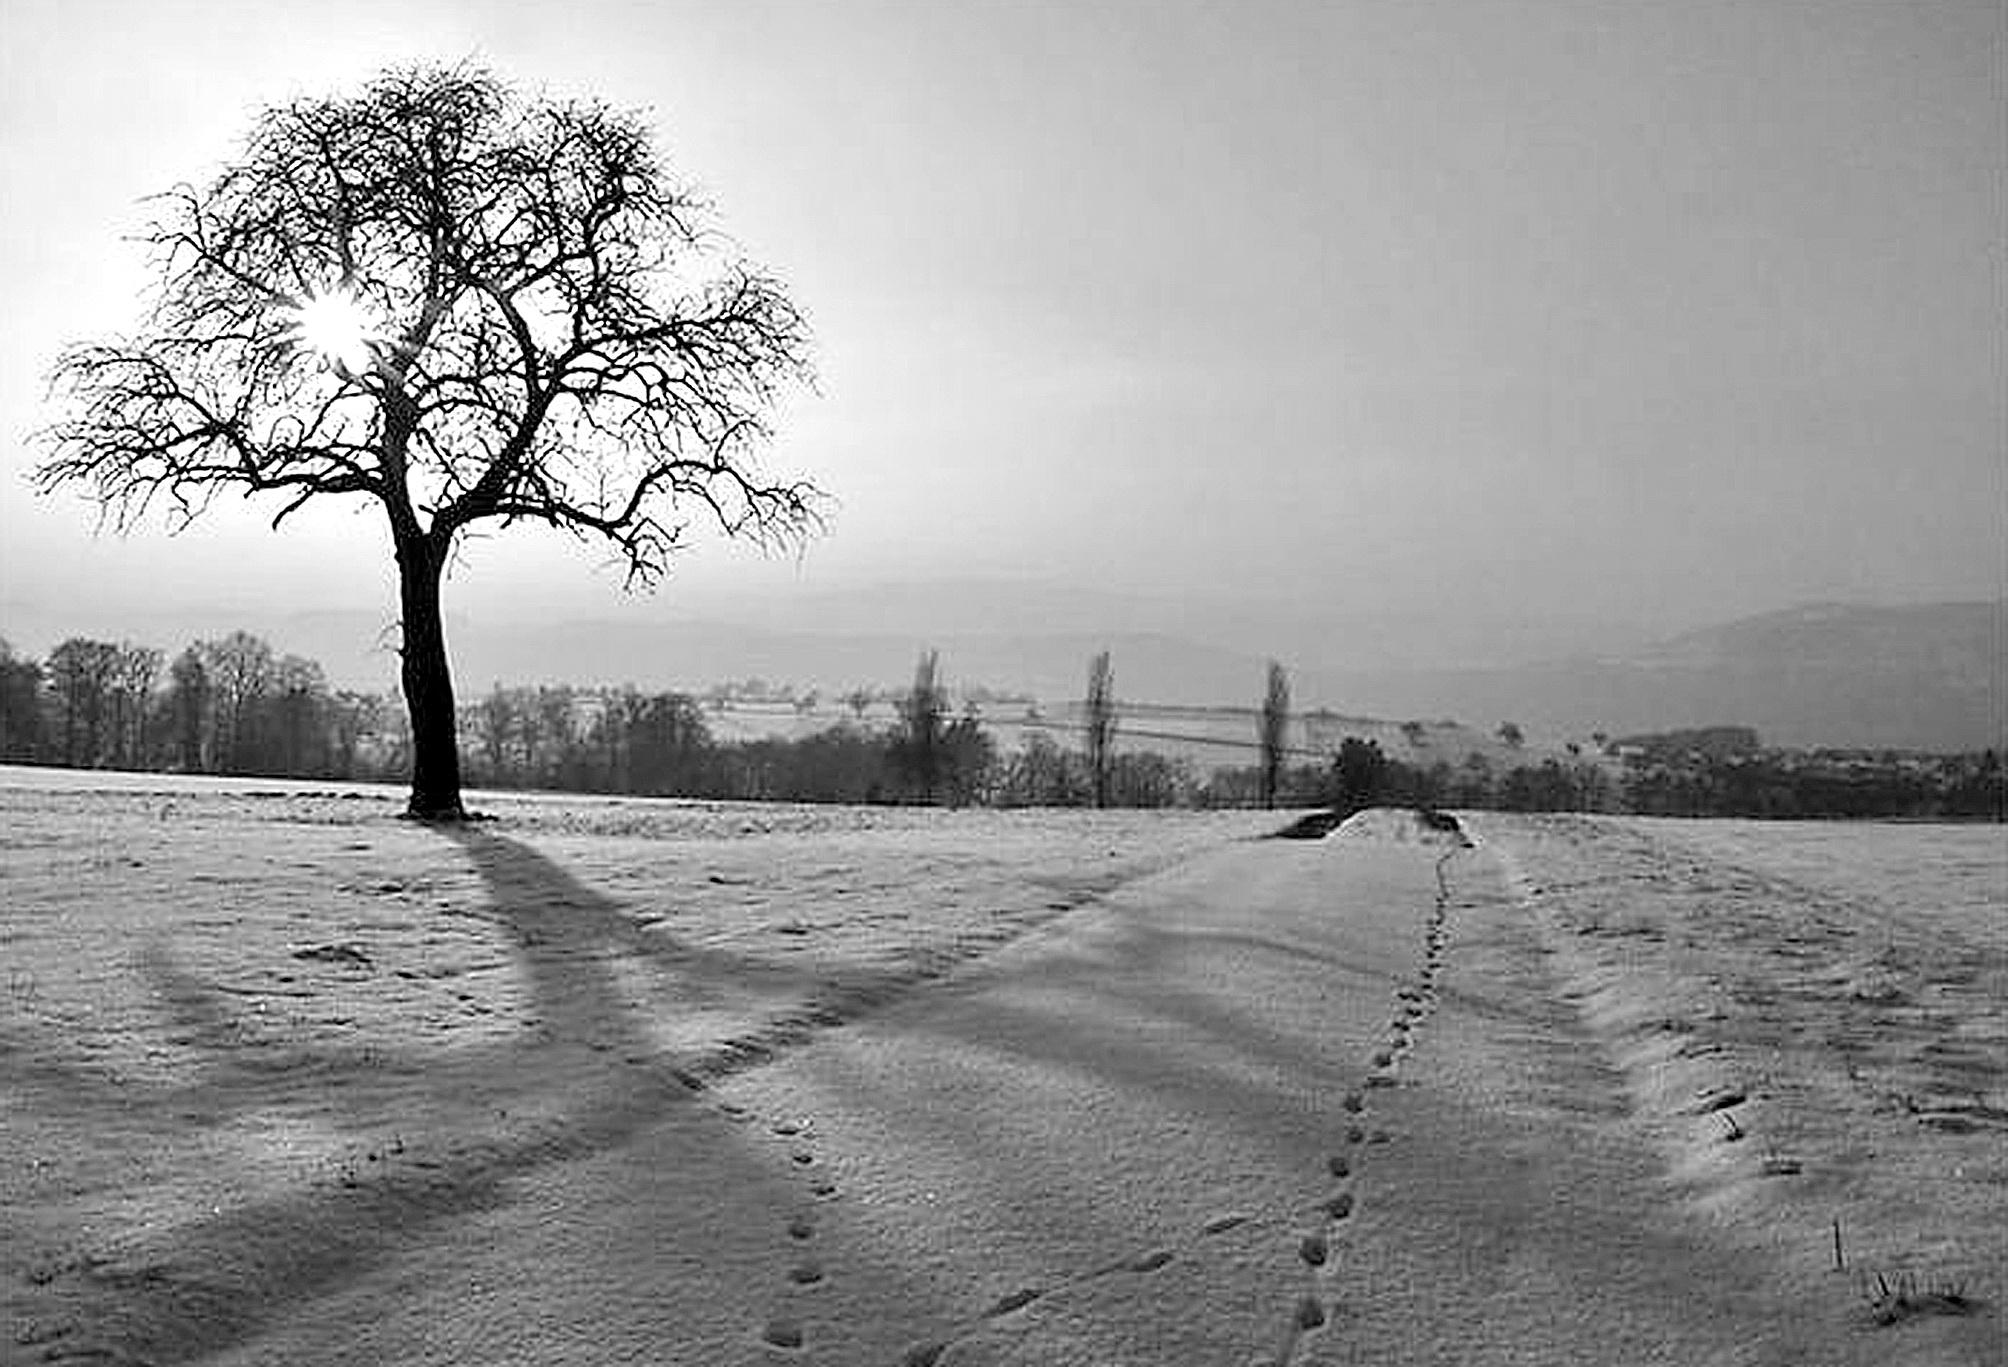 冬天唯美意境; 冬天唯美意境_唯美意境_唯美意境图片_银澜手机图片